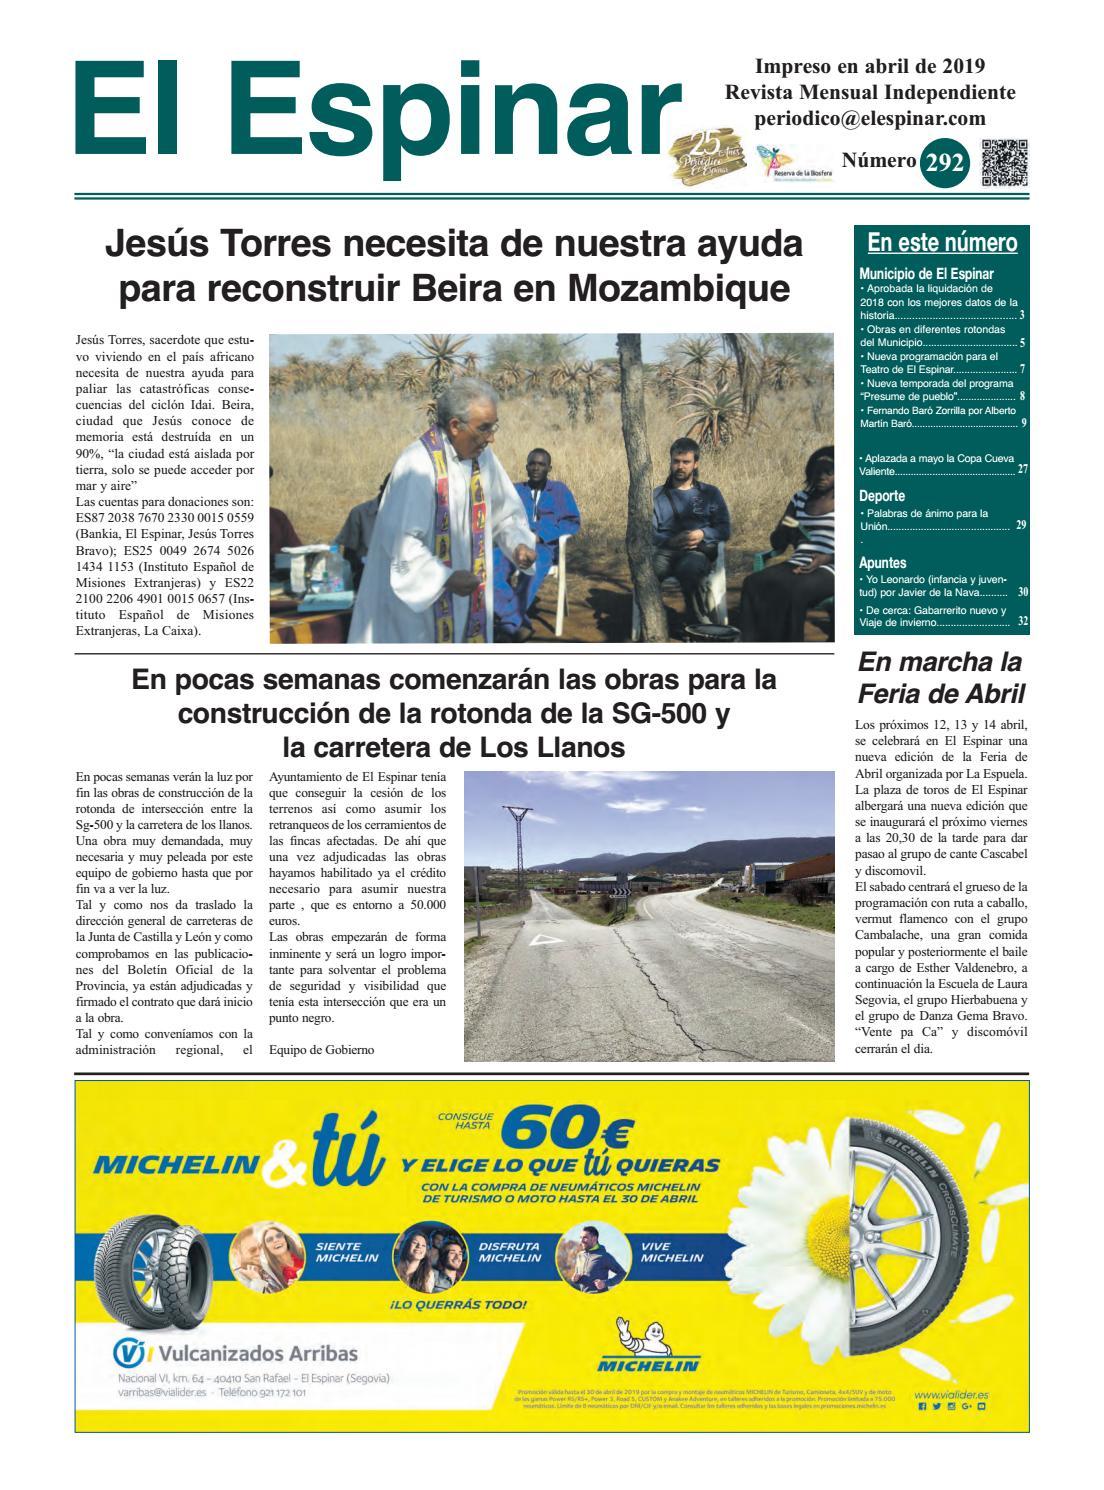 Periódico El Espinar nº292 by juan jesus maria garcia issuu